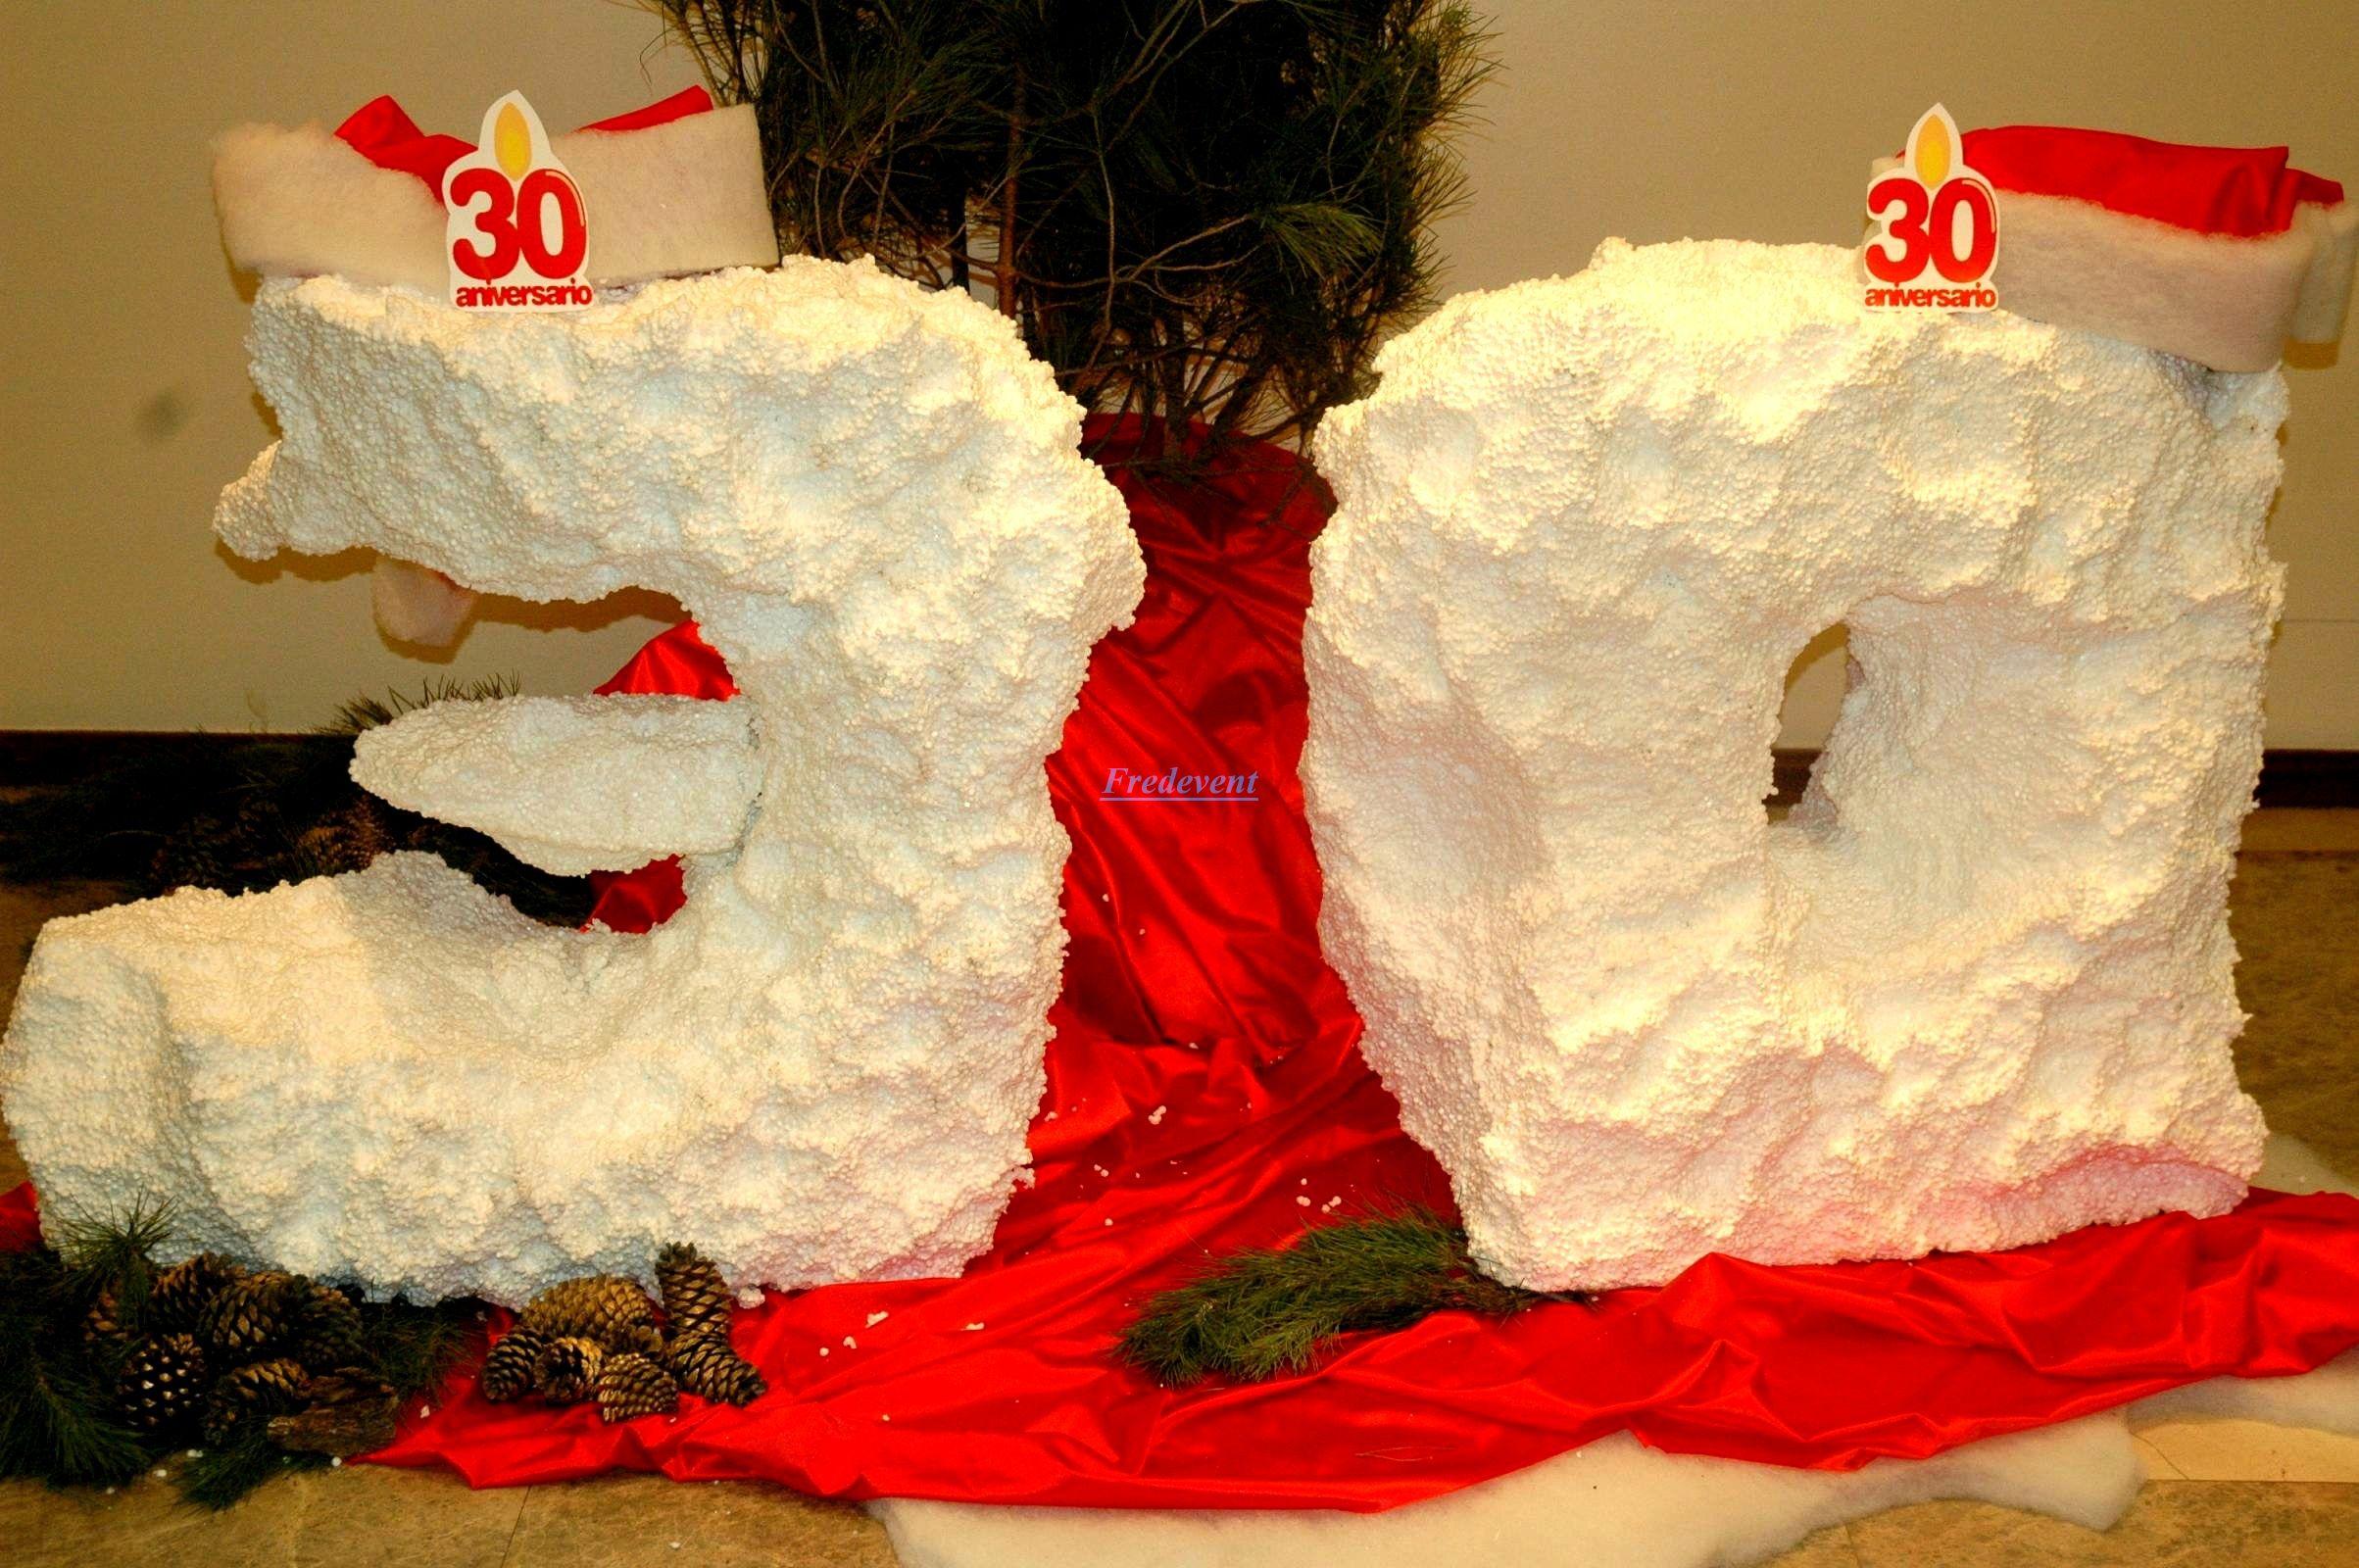 Decoracion Aniversario Empresa ~ Aniversario empresa